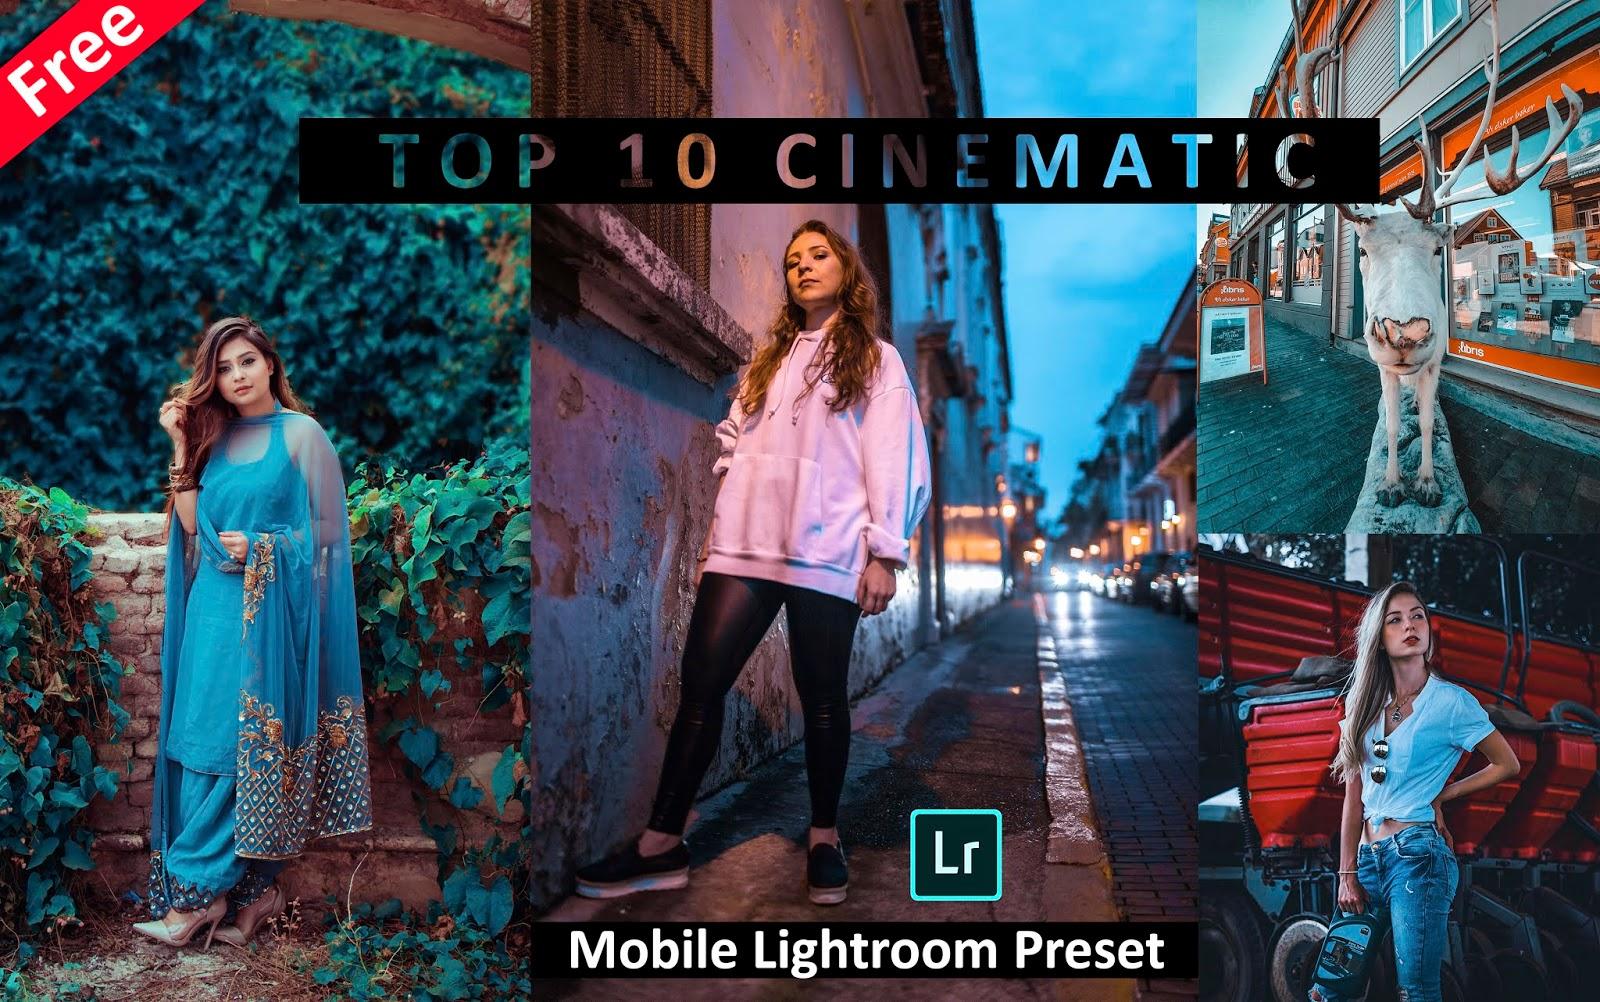 ⚡ Preset mobile lightroom free download | 39 Free Lightroom